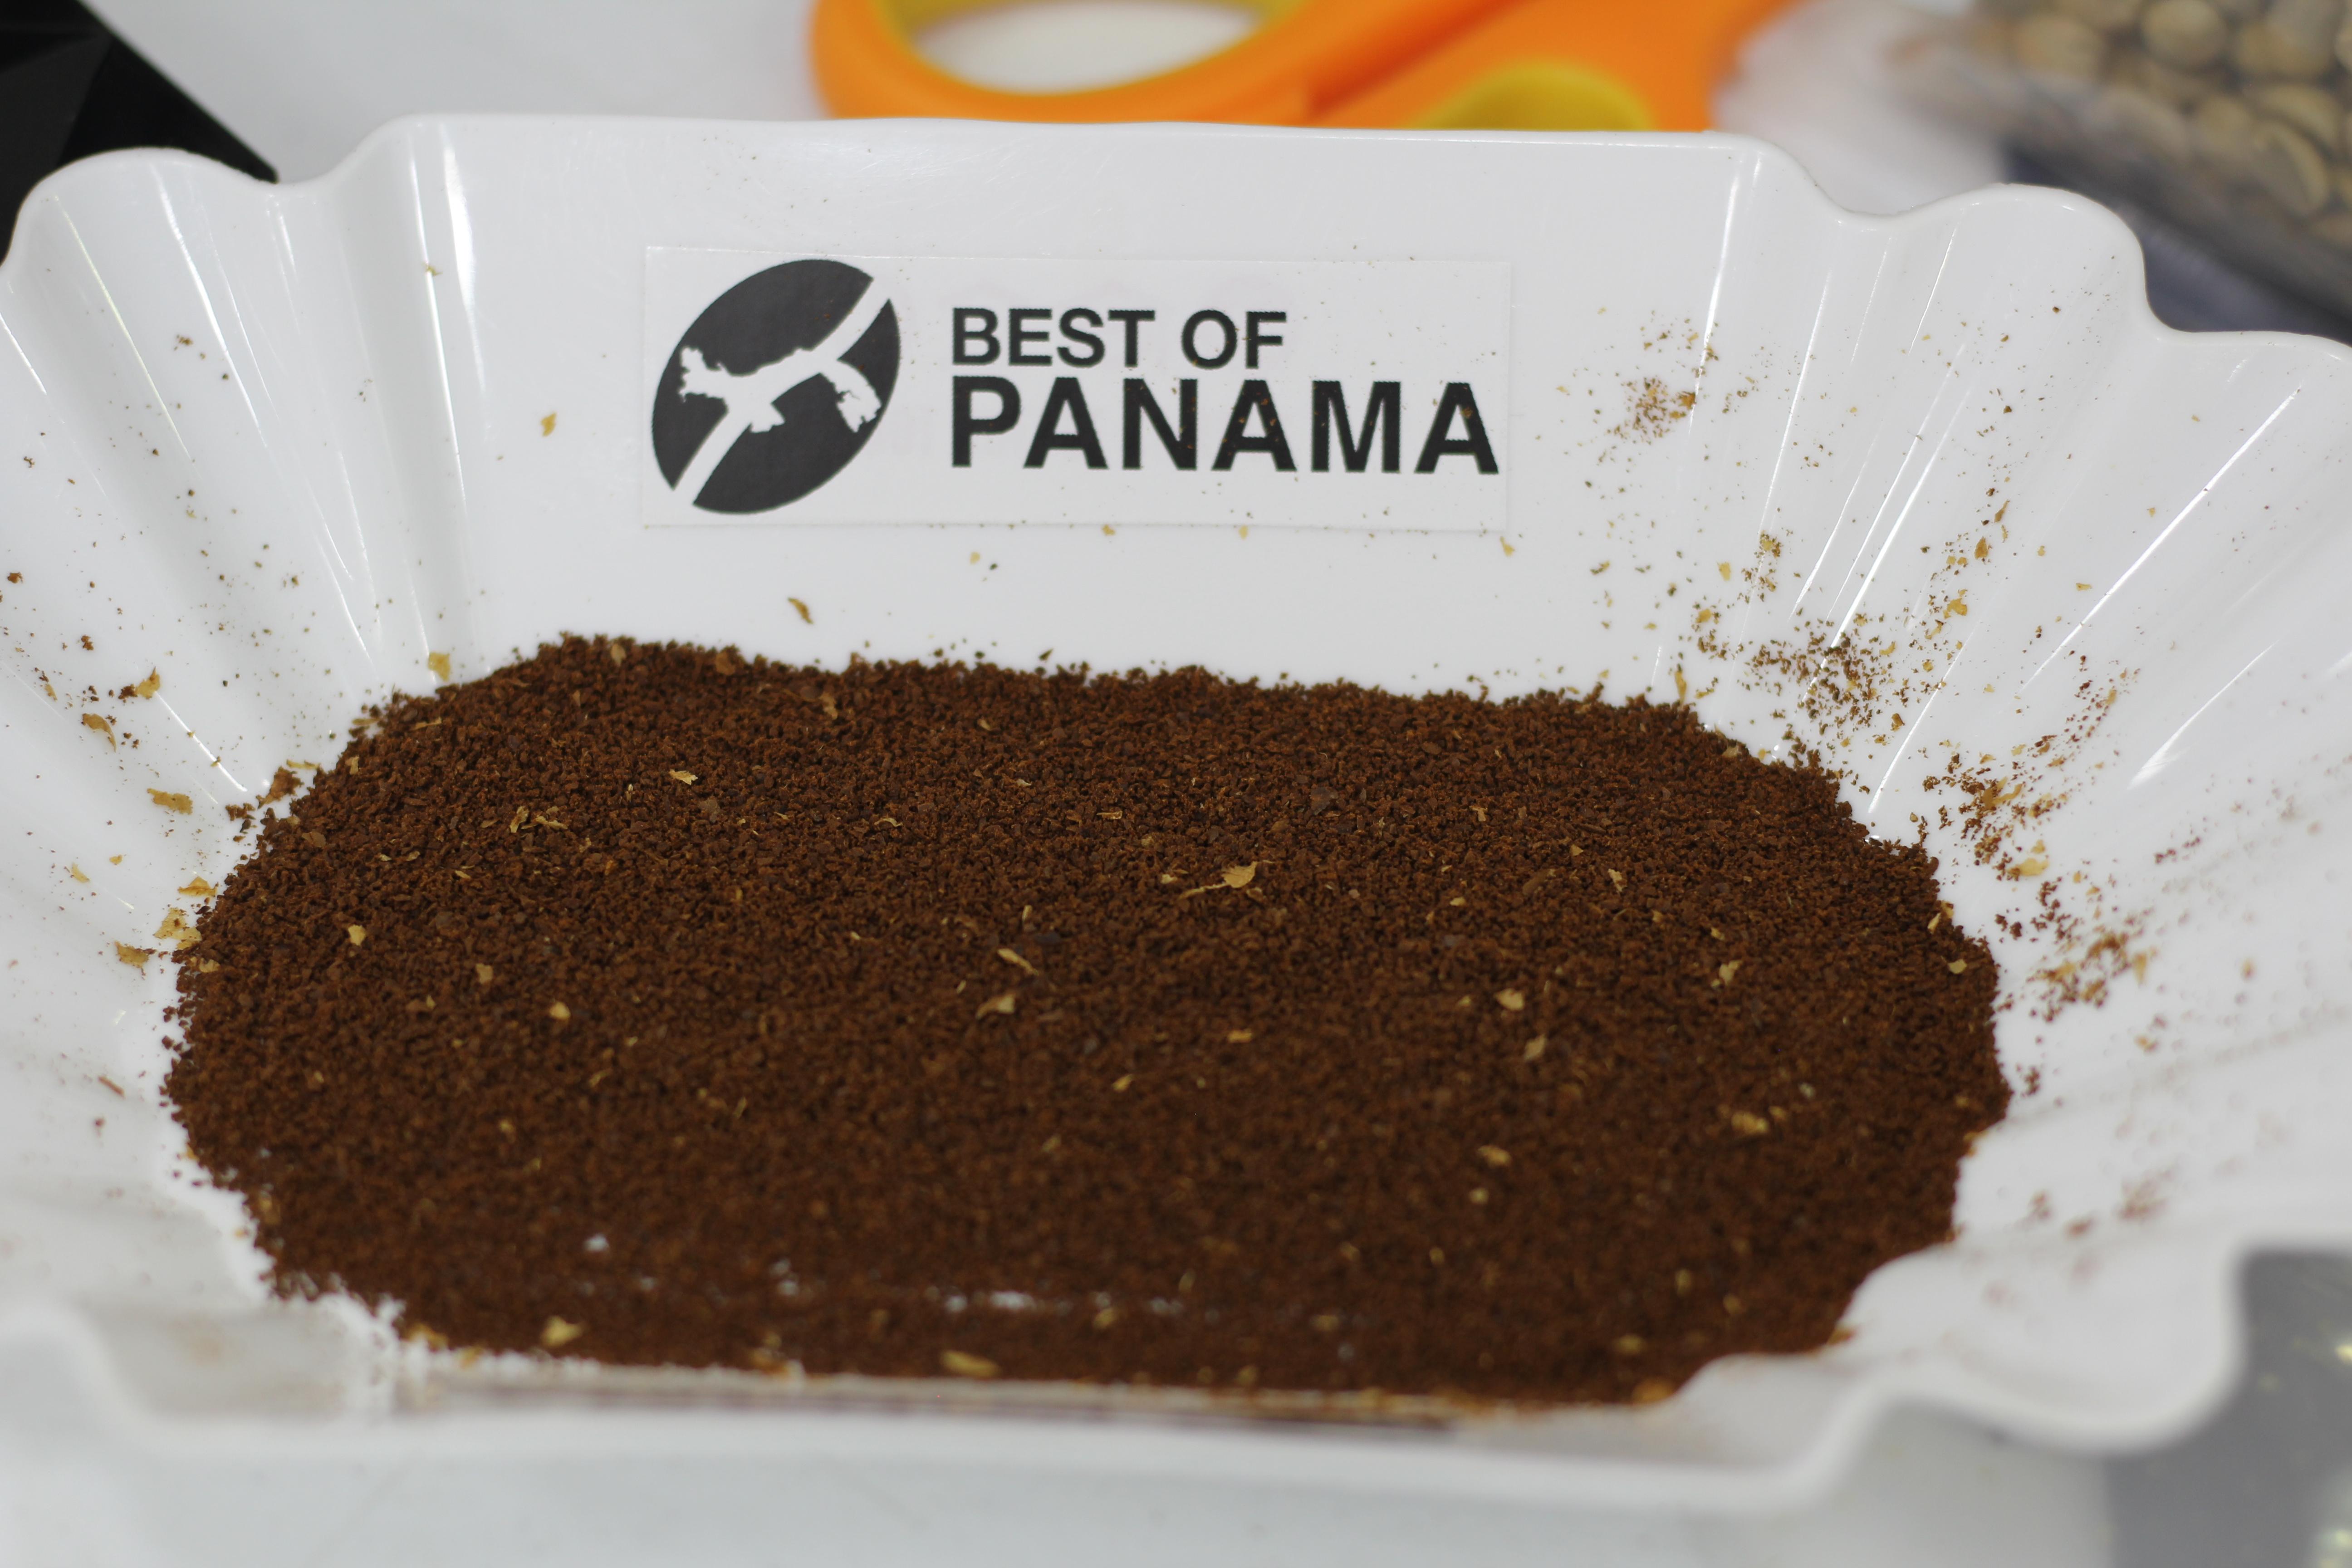 Todo listo para la Cata Nacional del Mejor Café del Mundo